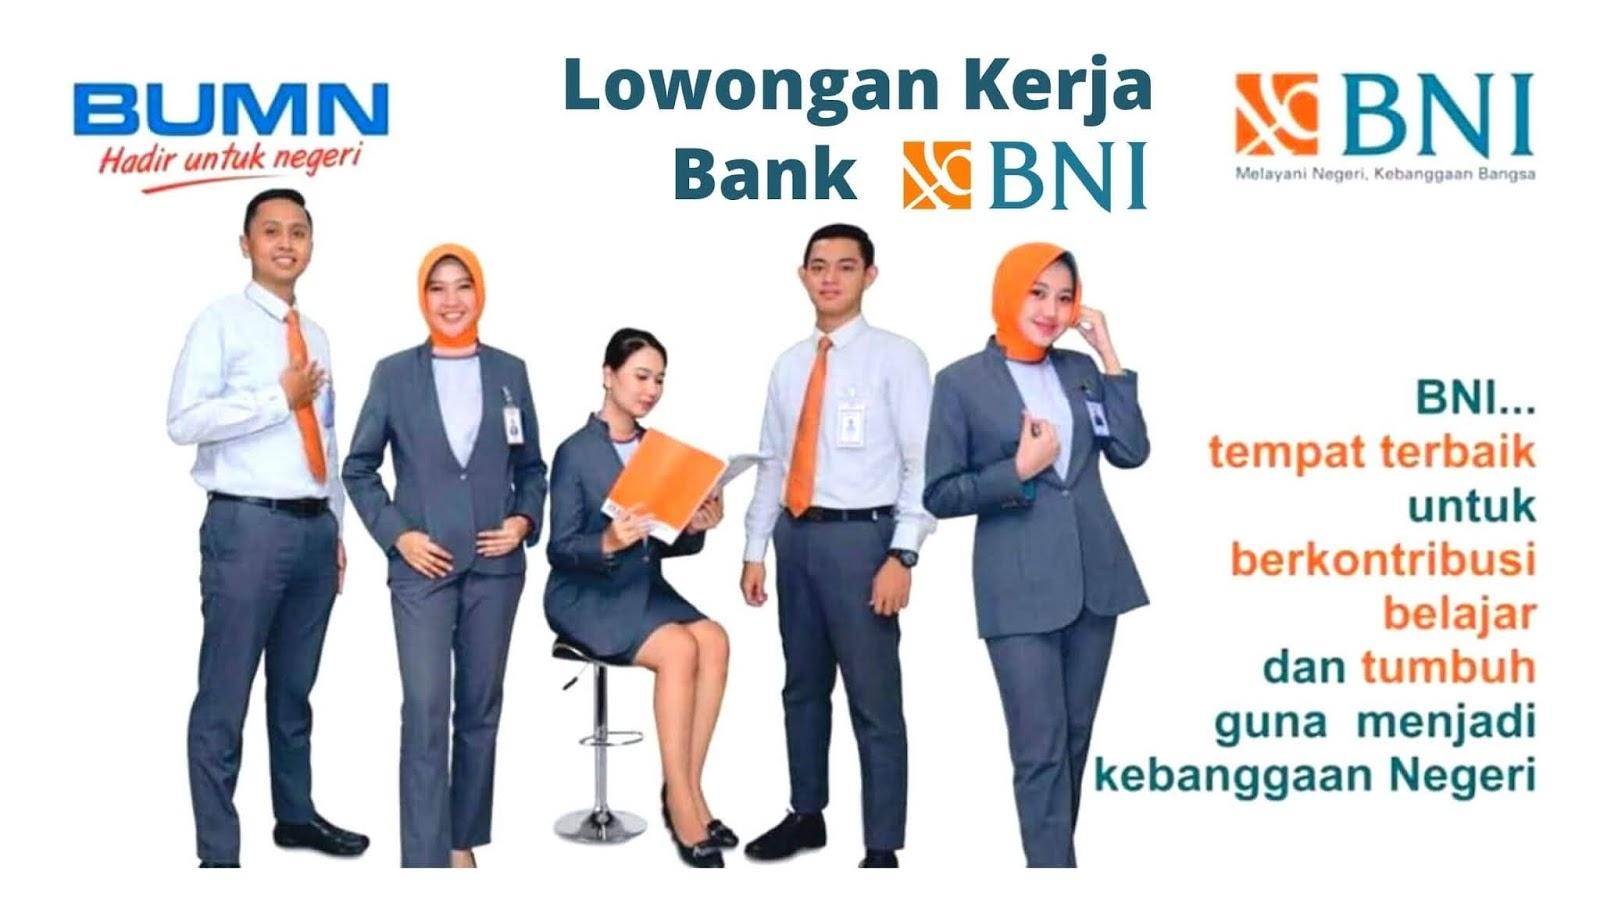 Lowongan Kerja Bank Bni Terbaru 2020 Lowongankerjadipt Com